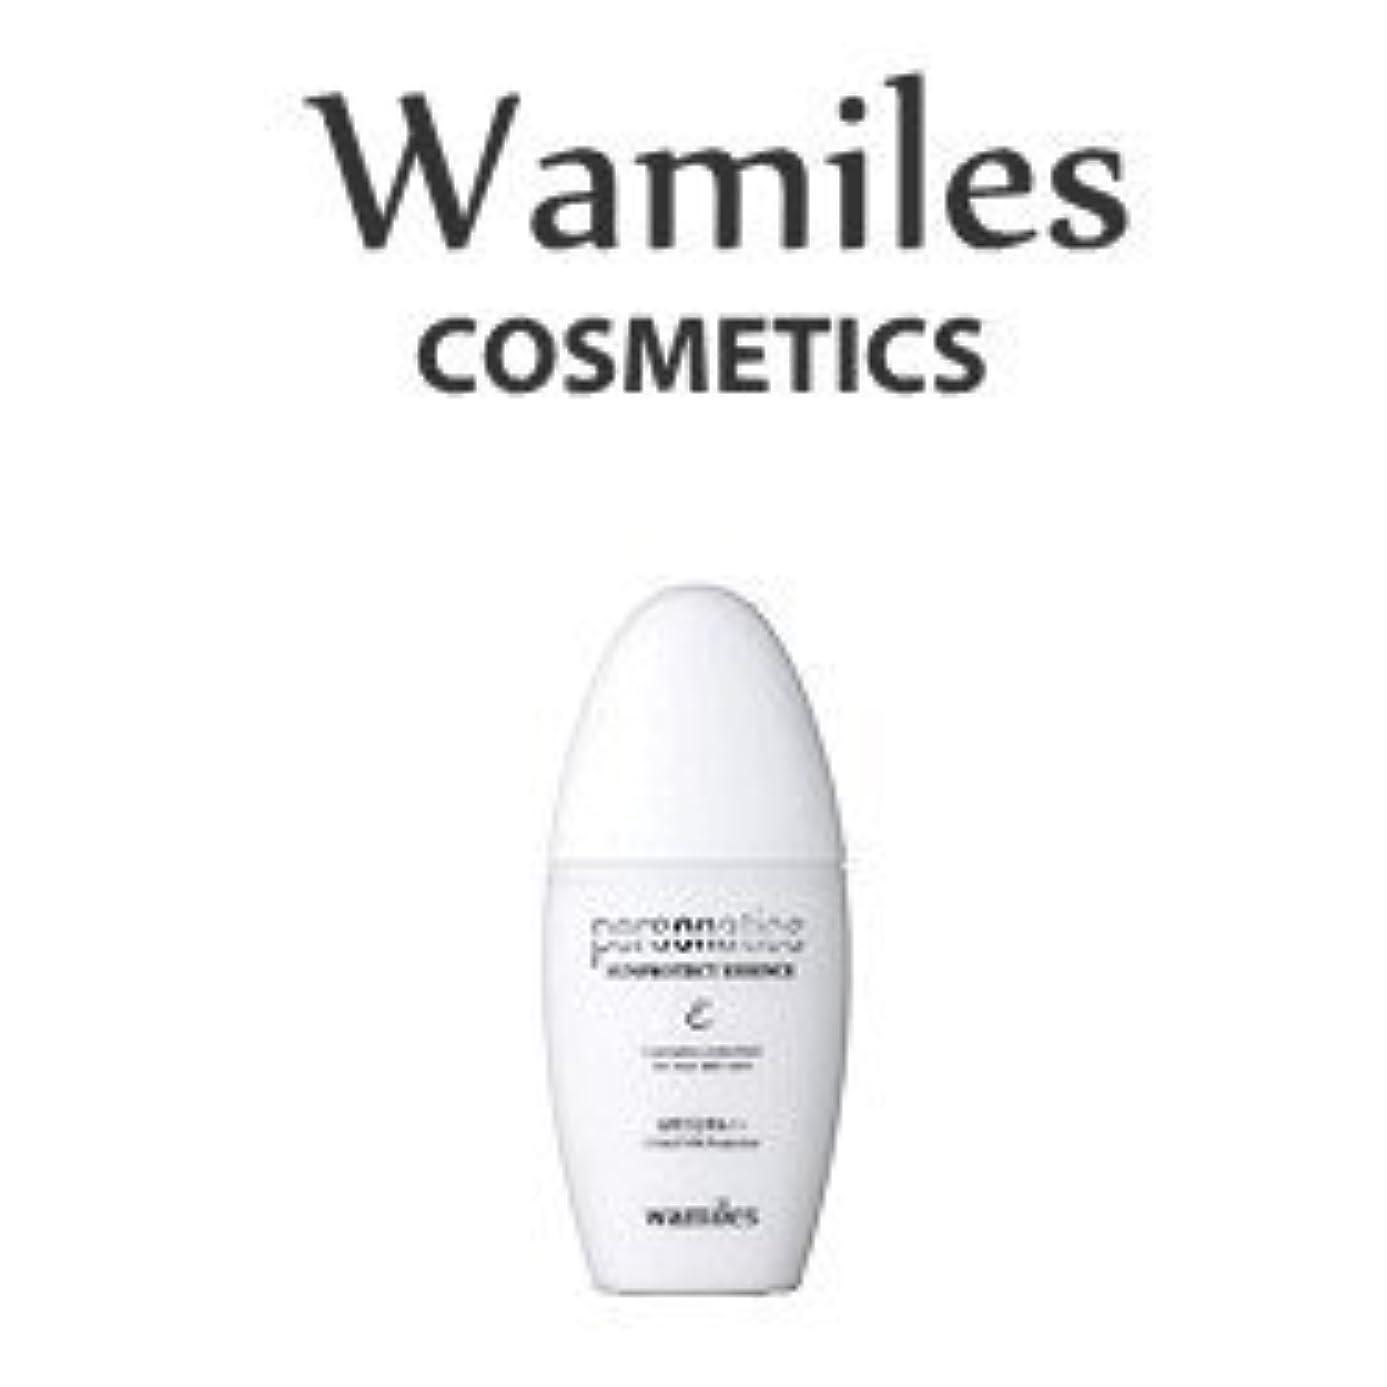 消化入手します父方のwamiles/ワミレス サンプロテクトエッセンス 30ml 美容 化粧水